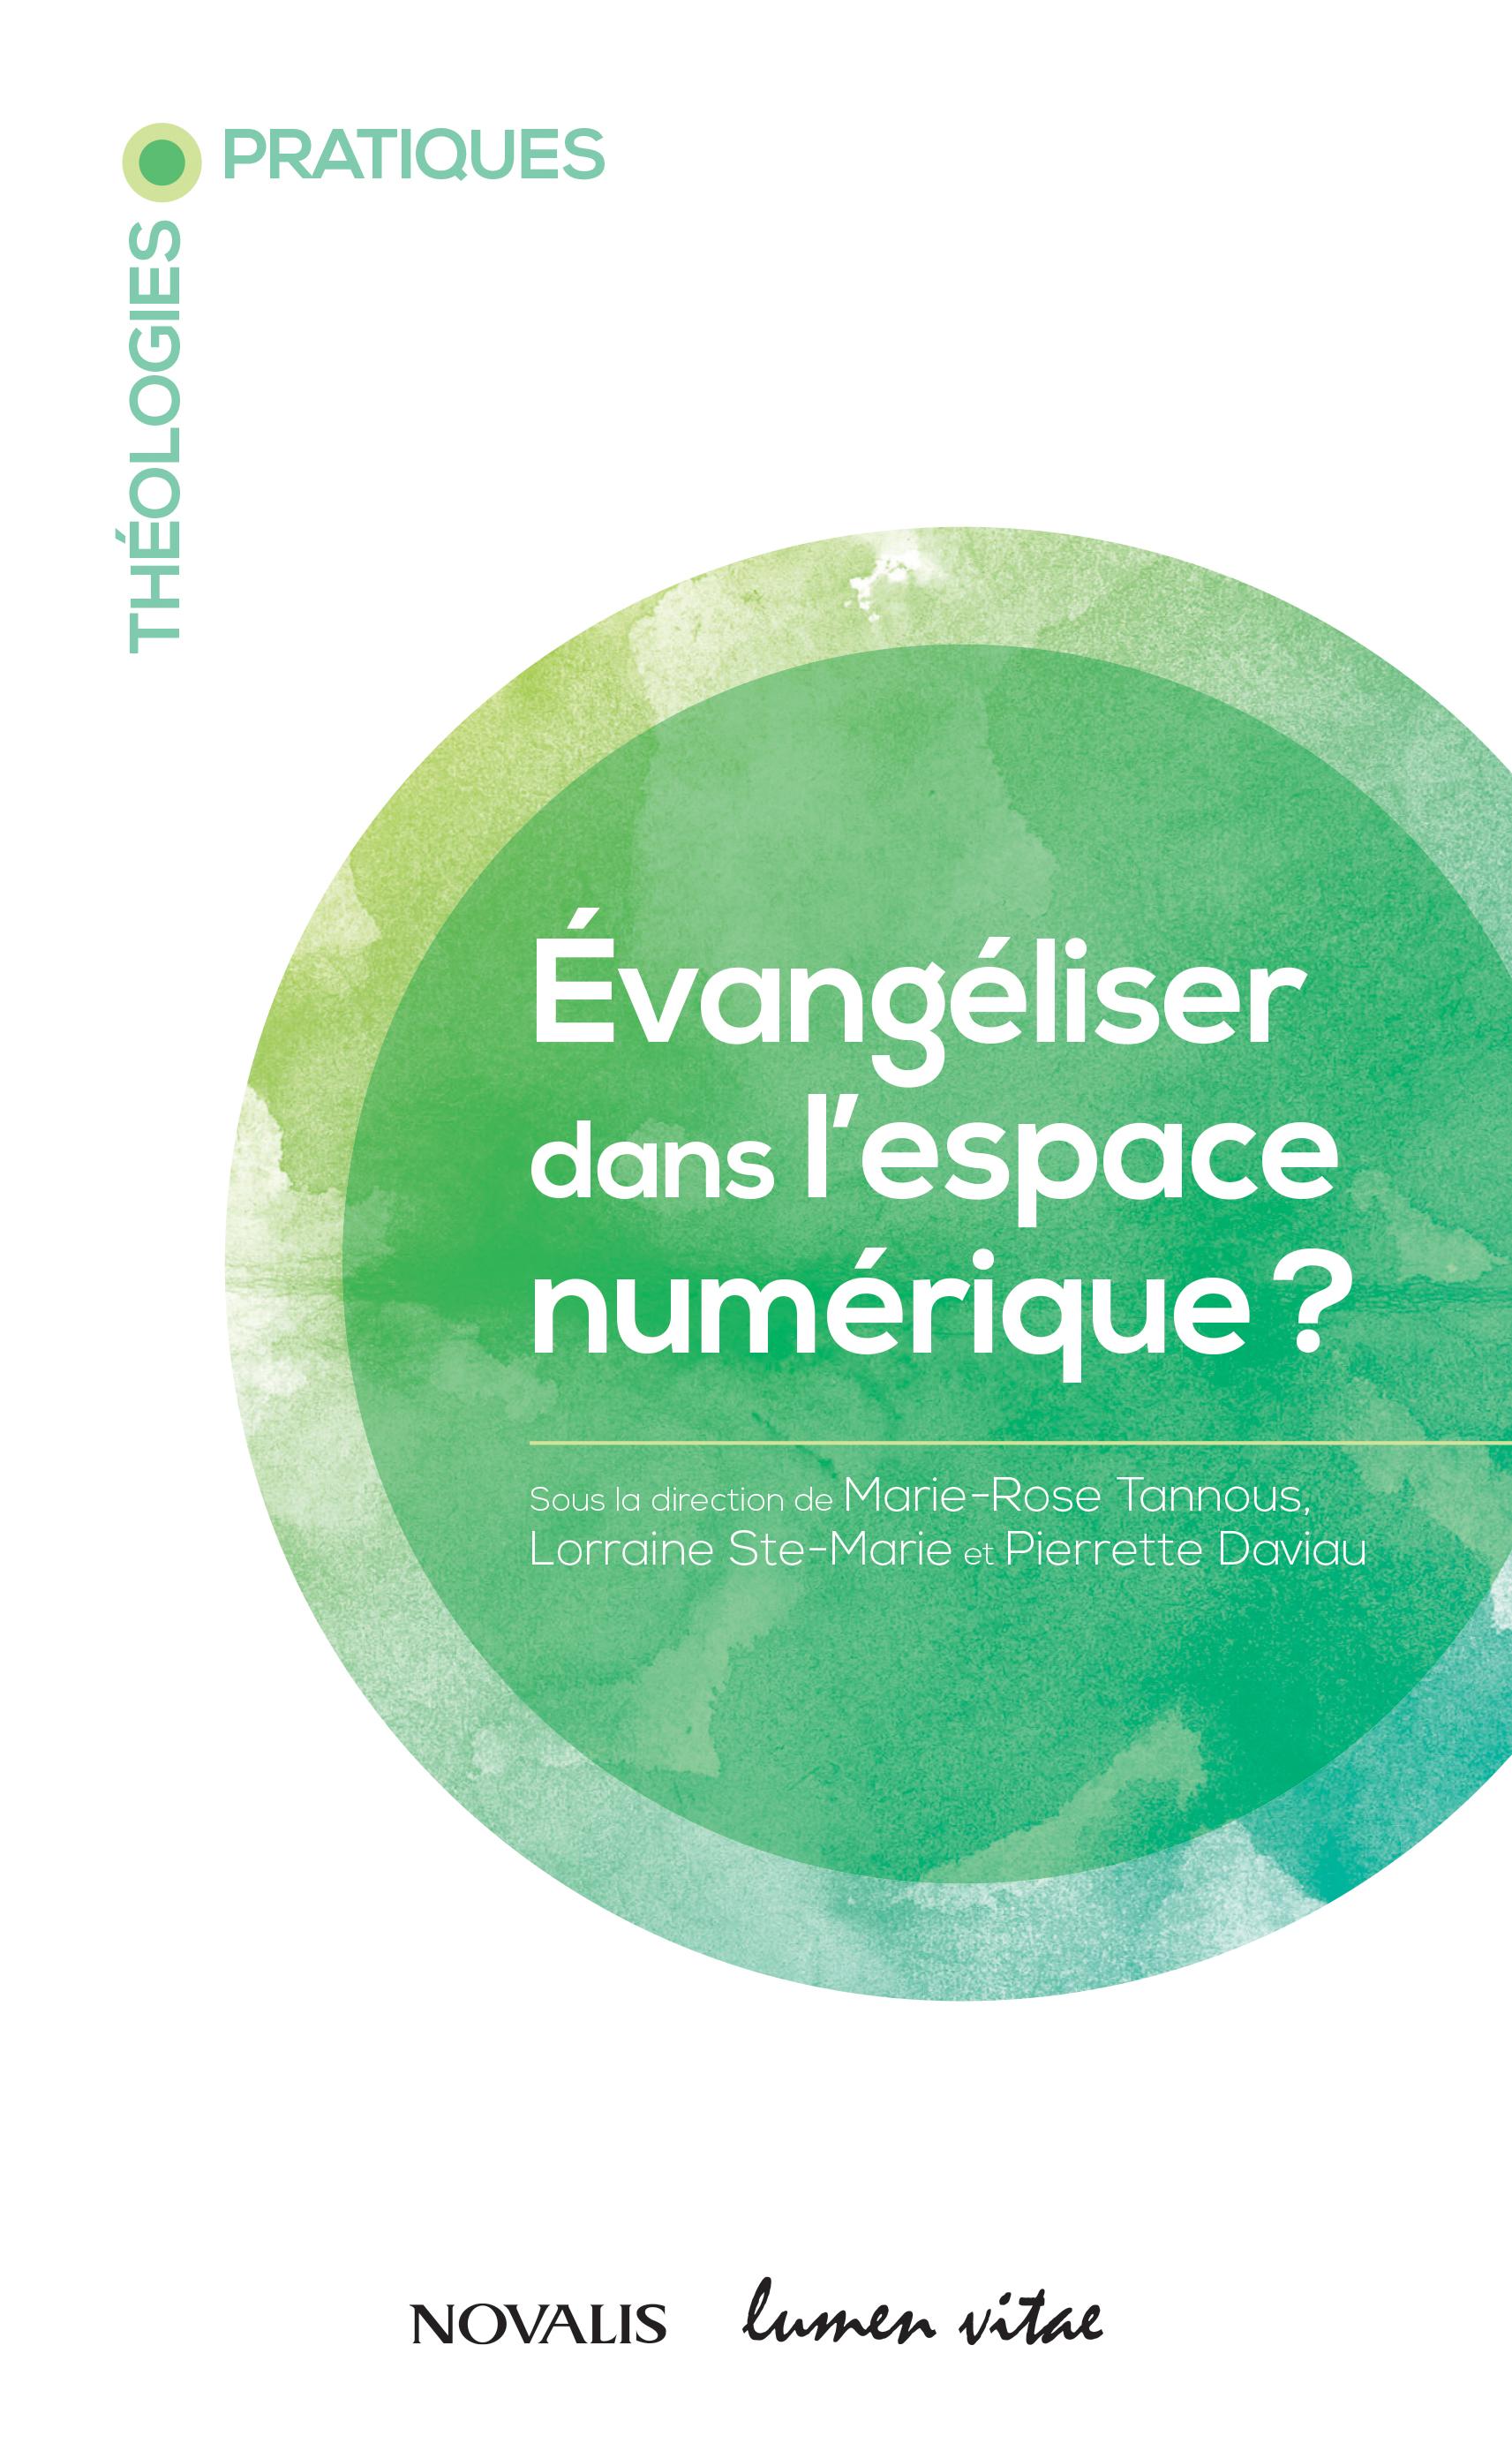 Évangéliser dans l'espace numérique?